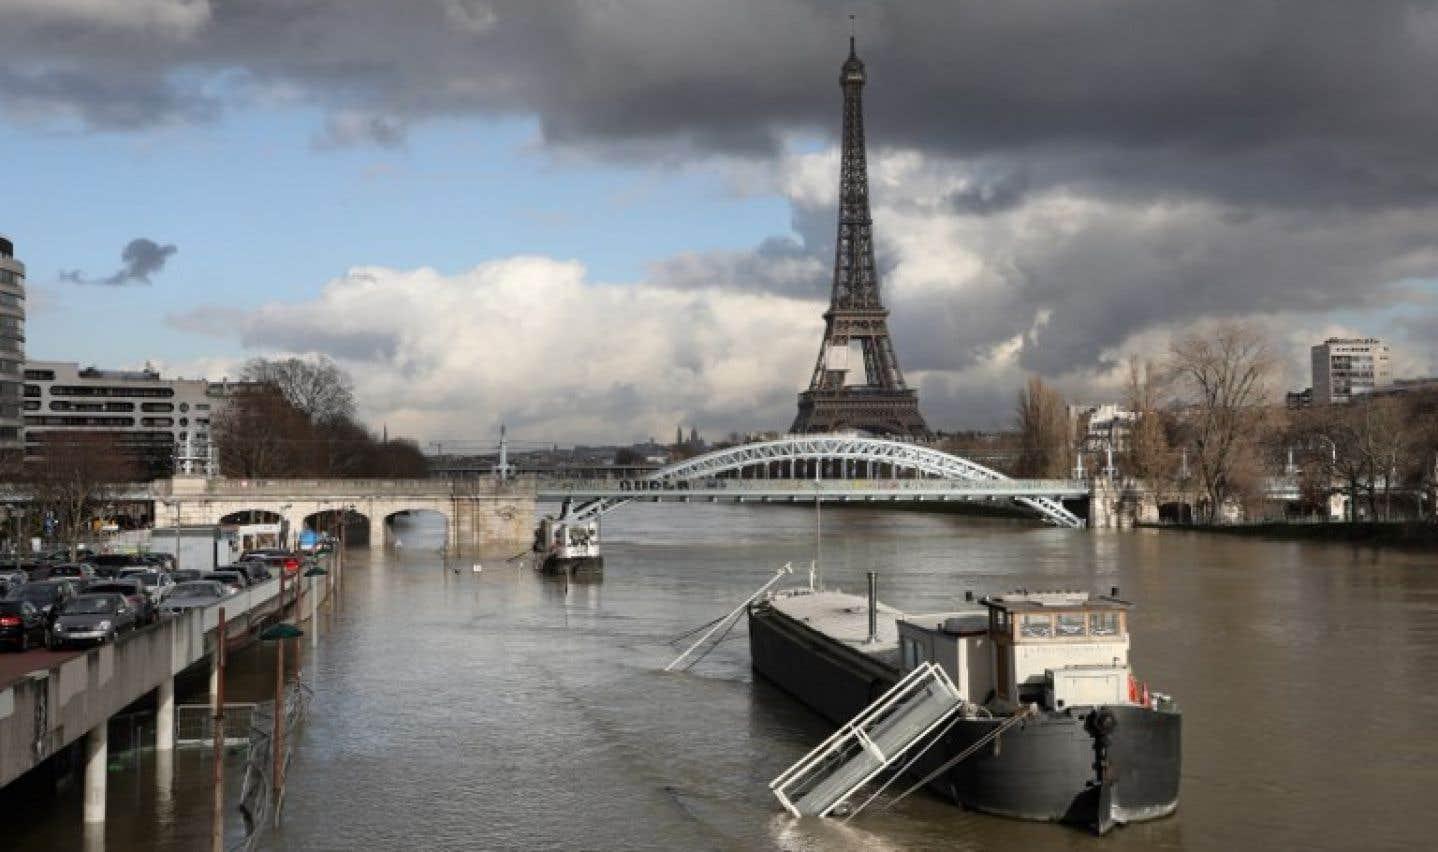 Les prévisionnistes estiment que la Seine ne devrait pas atteindre le pic de 2016.